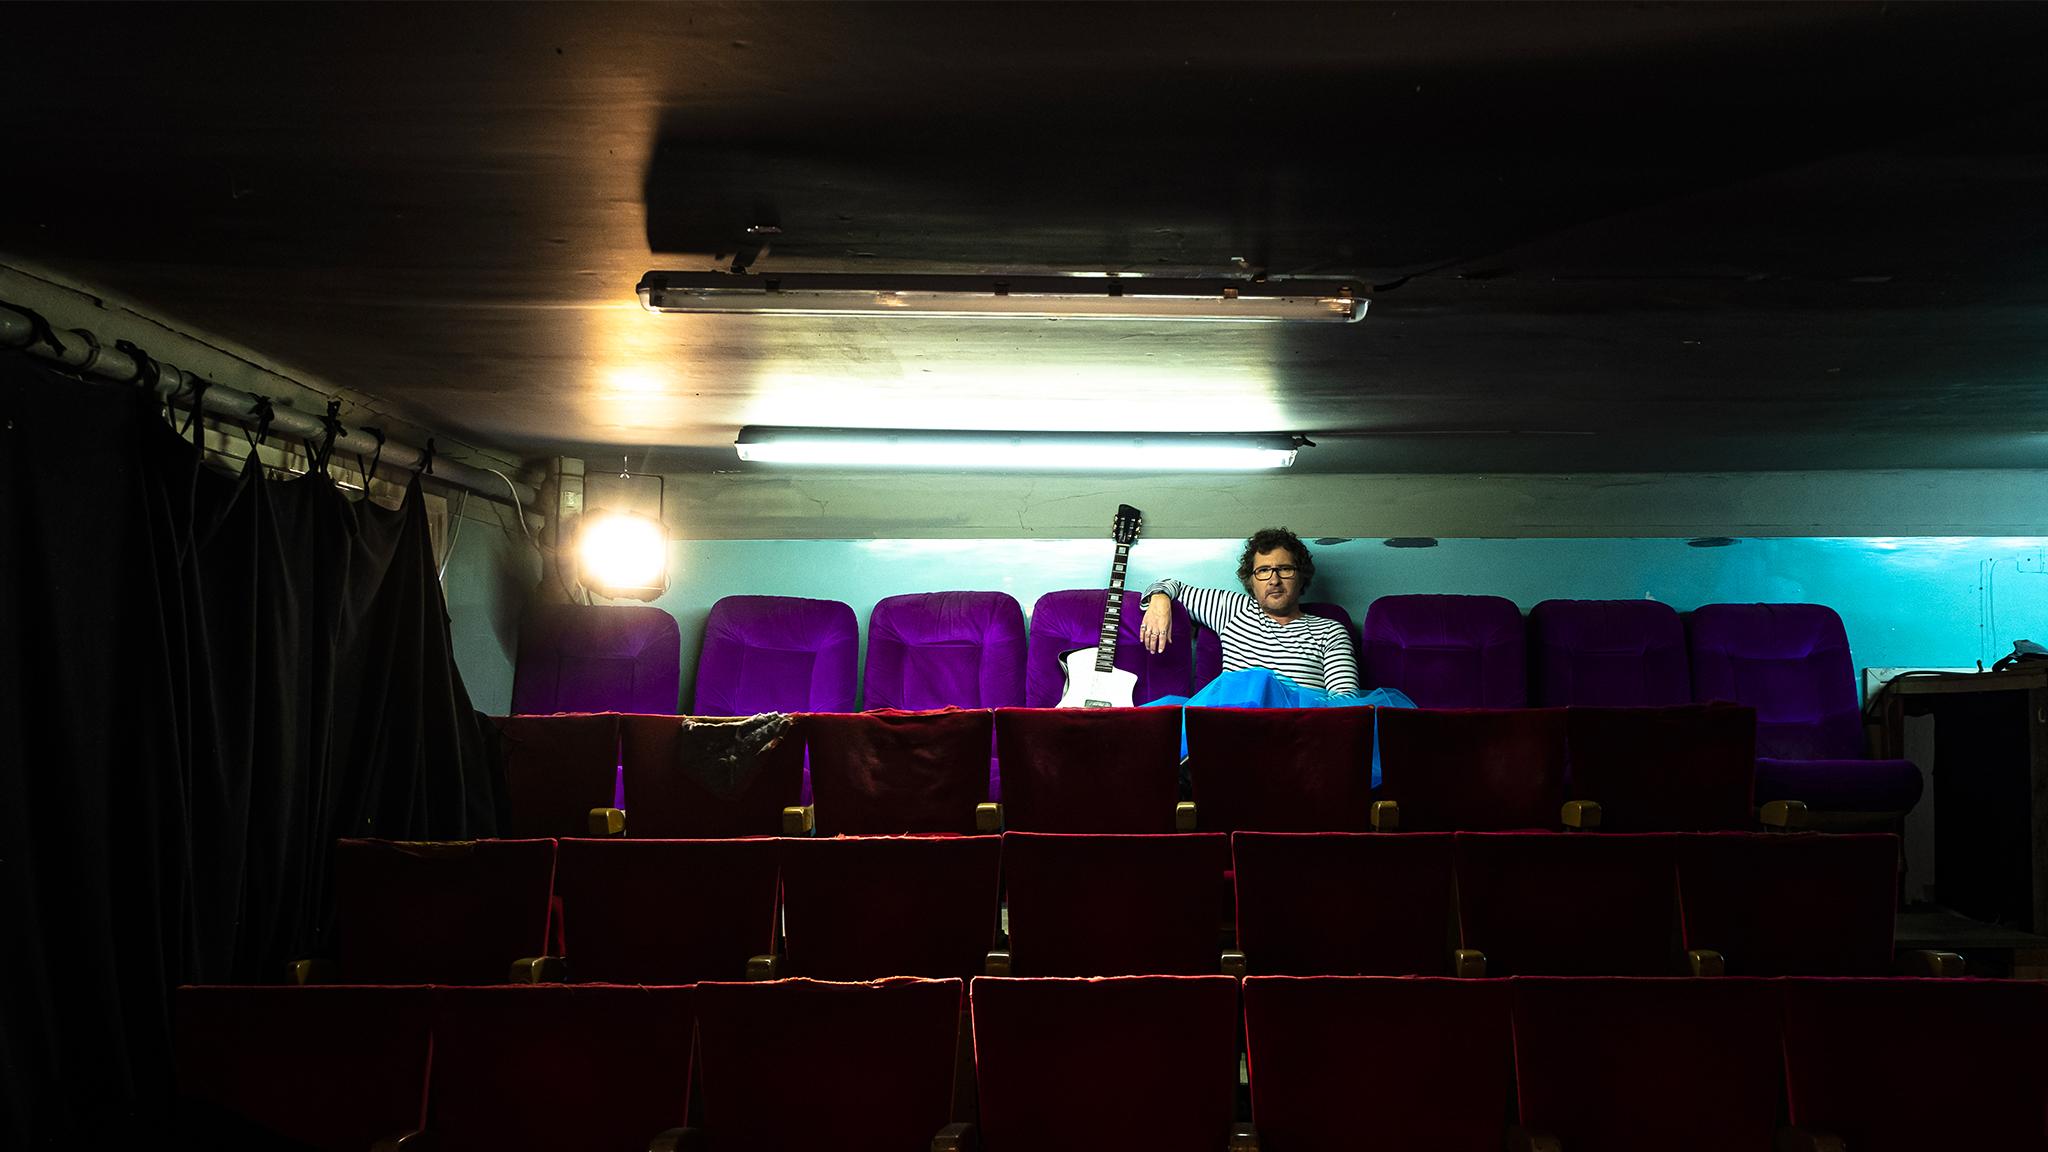 MARTINMARTIN prise de vue DOM SECHER dans les gradins du petit théâtre du Shakiraï à Paris. Près du pont bleu.